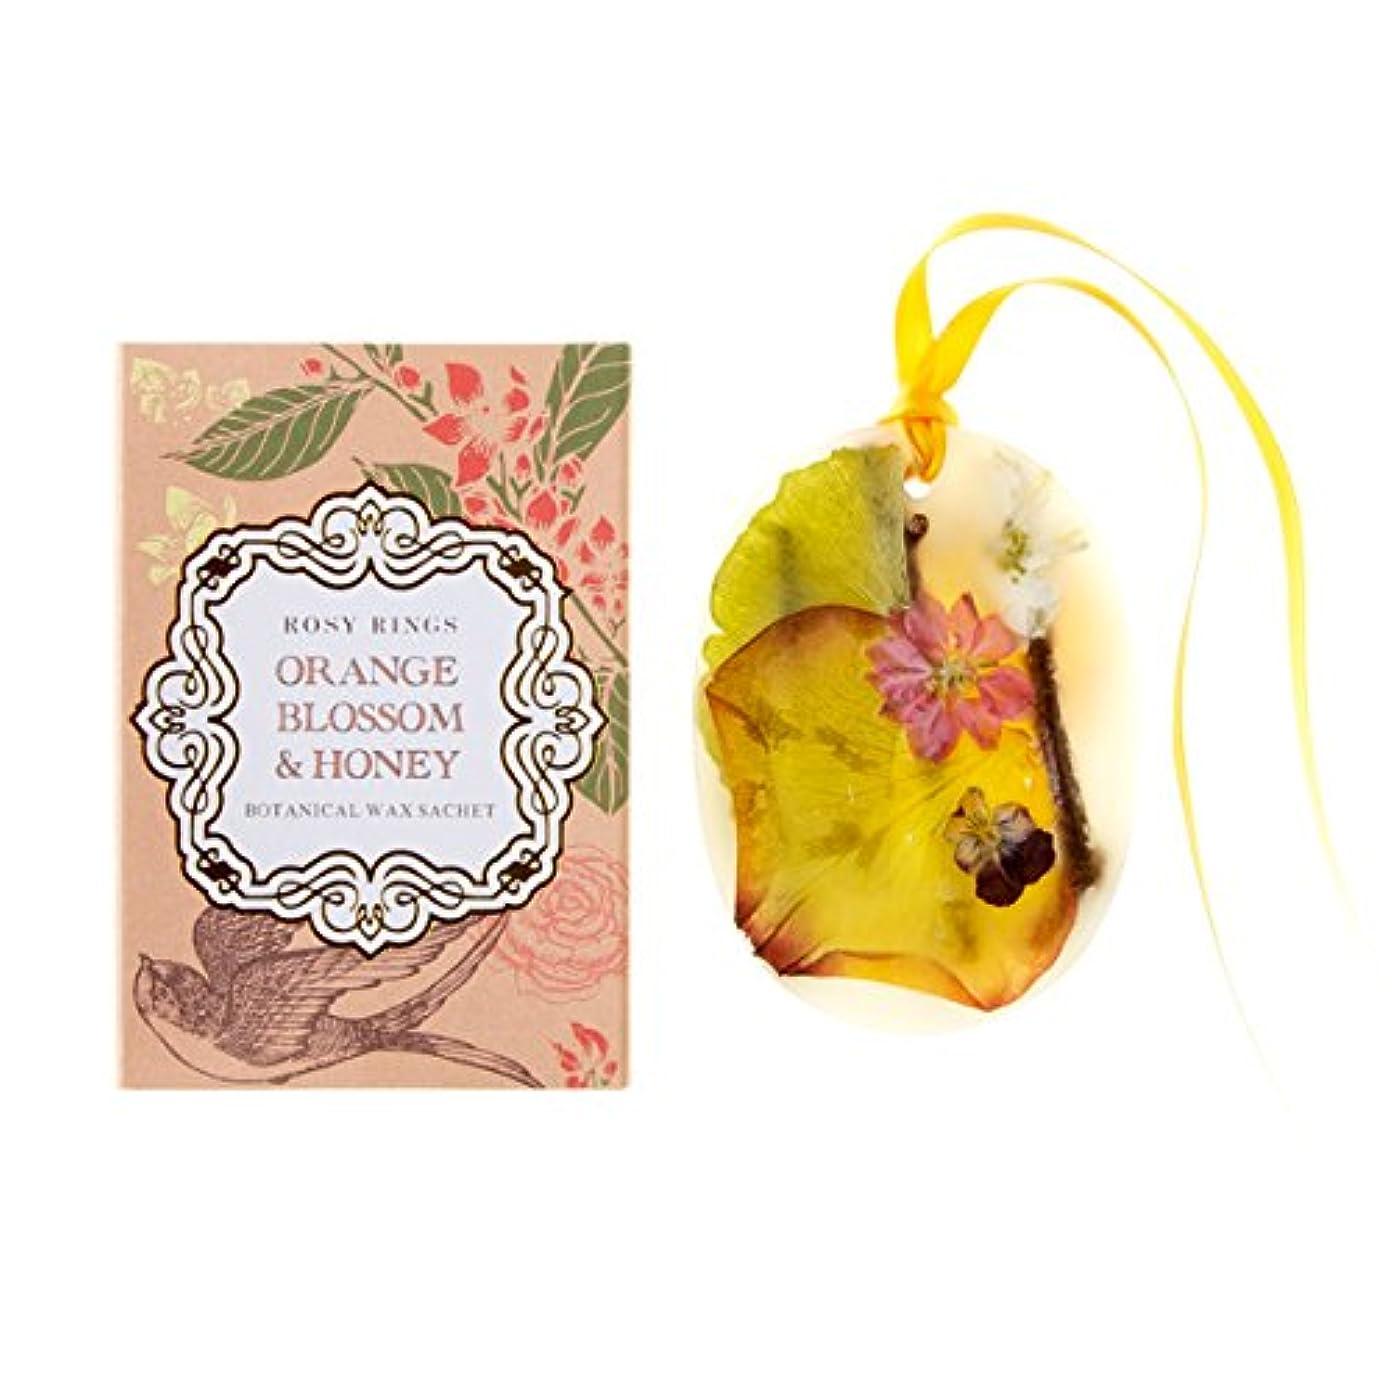 収入マオリ外観ロージーリングス プティボタニカルサシェ オレンジブロッサム&ハニー ROSY RINGS Petite Oval Botanical Wax Sachet Orange Blossom & Honey